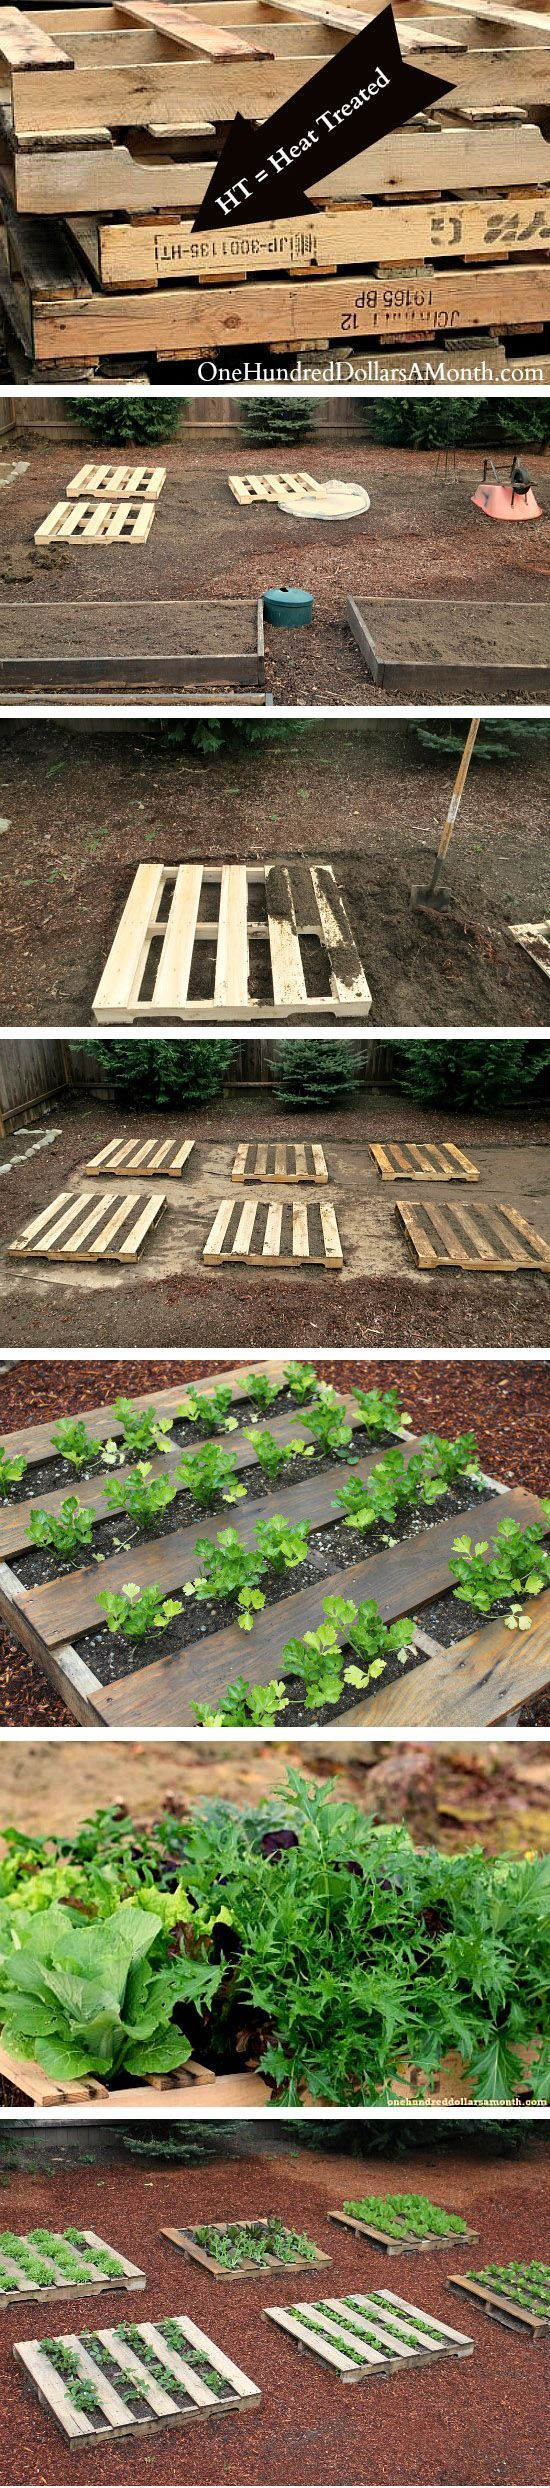 Cómo reutilizar palés para pequeños cultivos. Una buena idea para el centro de la huerta